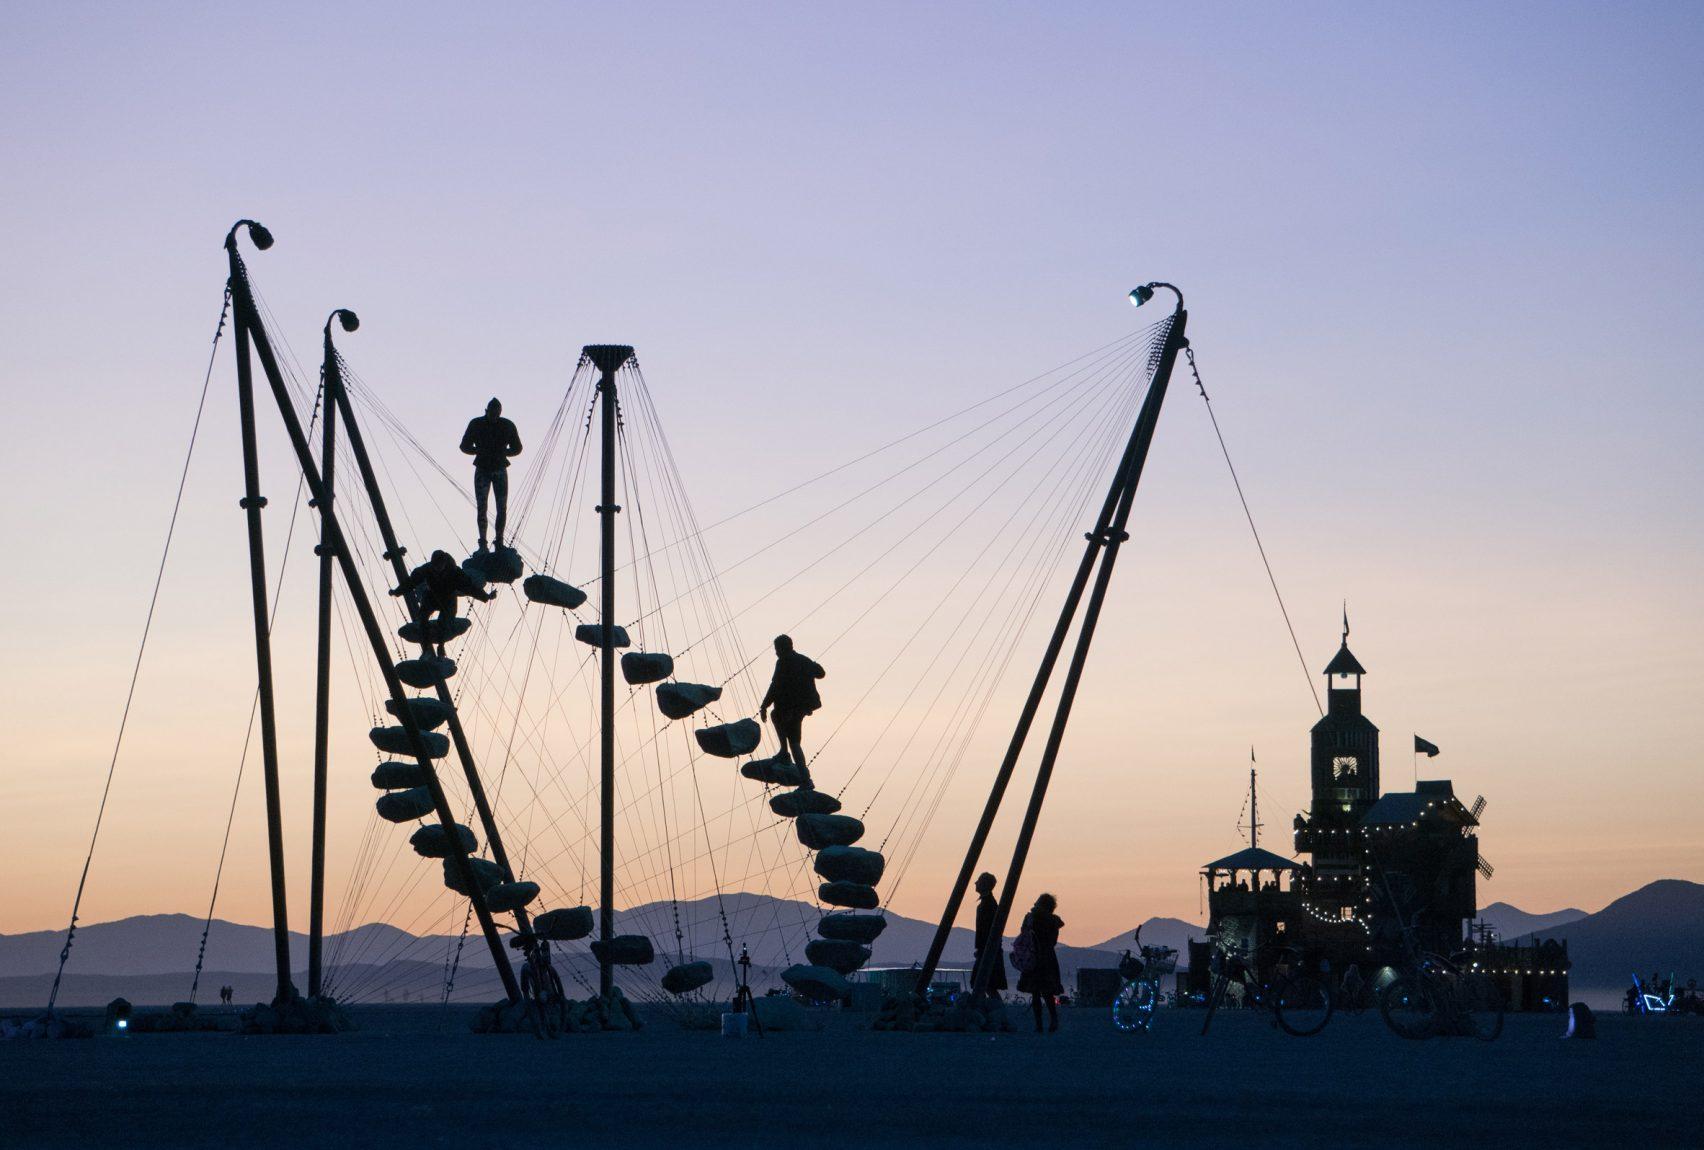 """پلههای مدور Benjamin Langholz در Burning Man """"یک واقعیت متناوب"""" ایجاد می کند"""